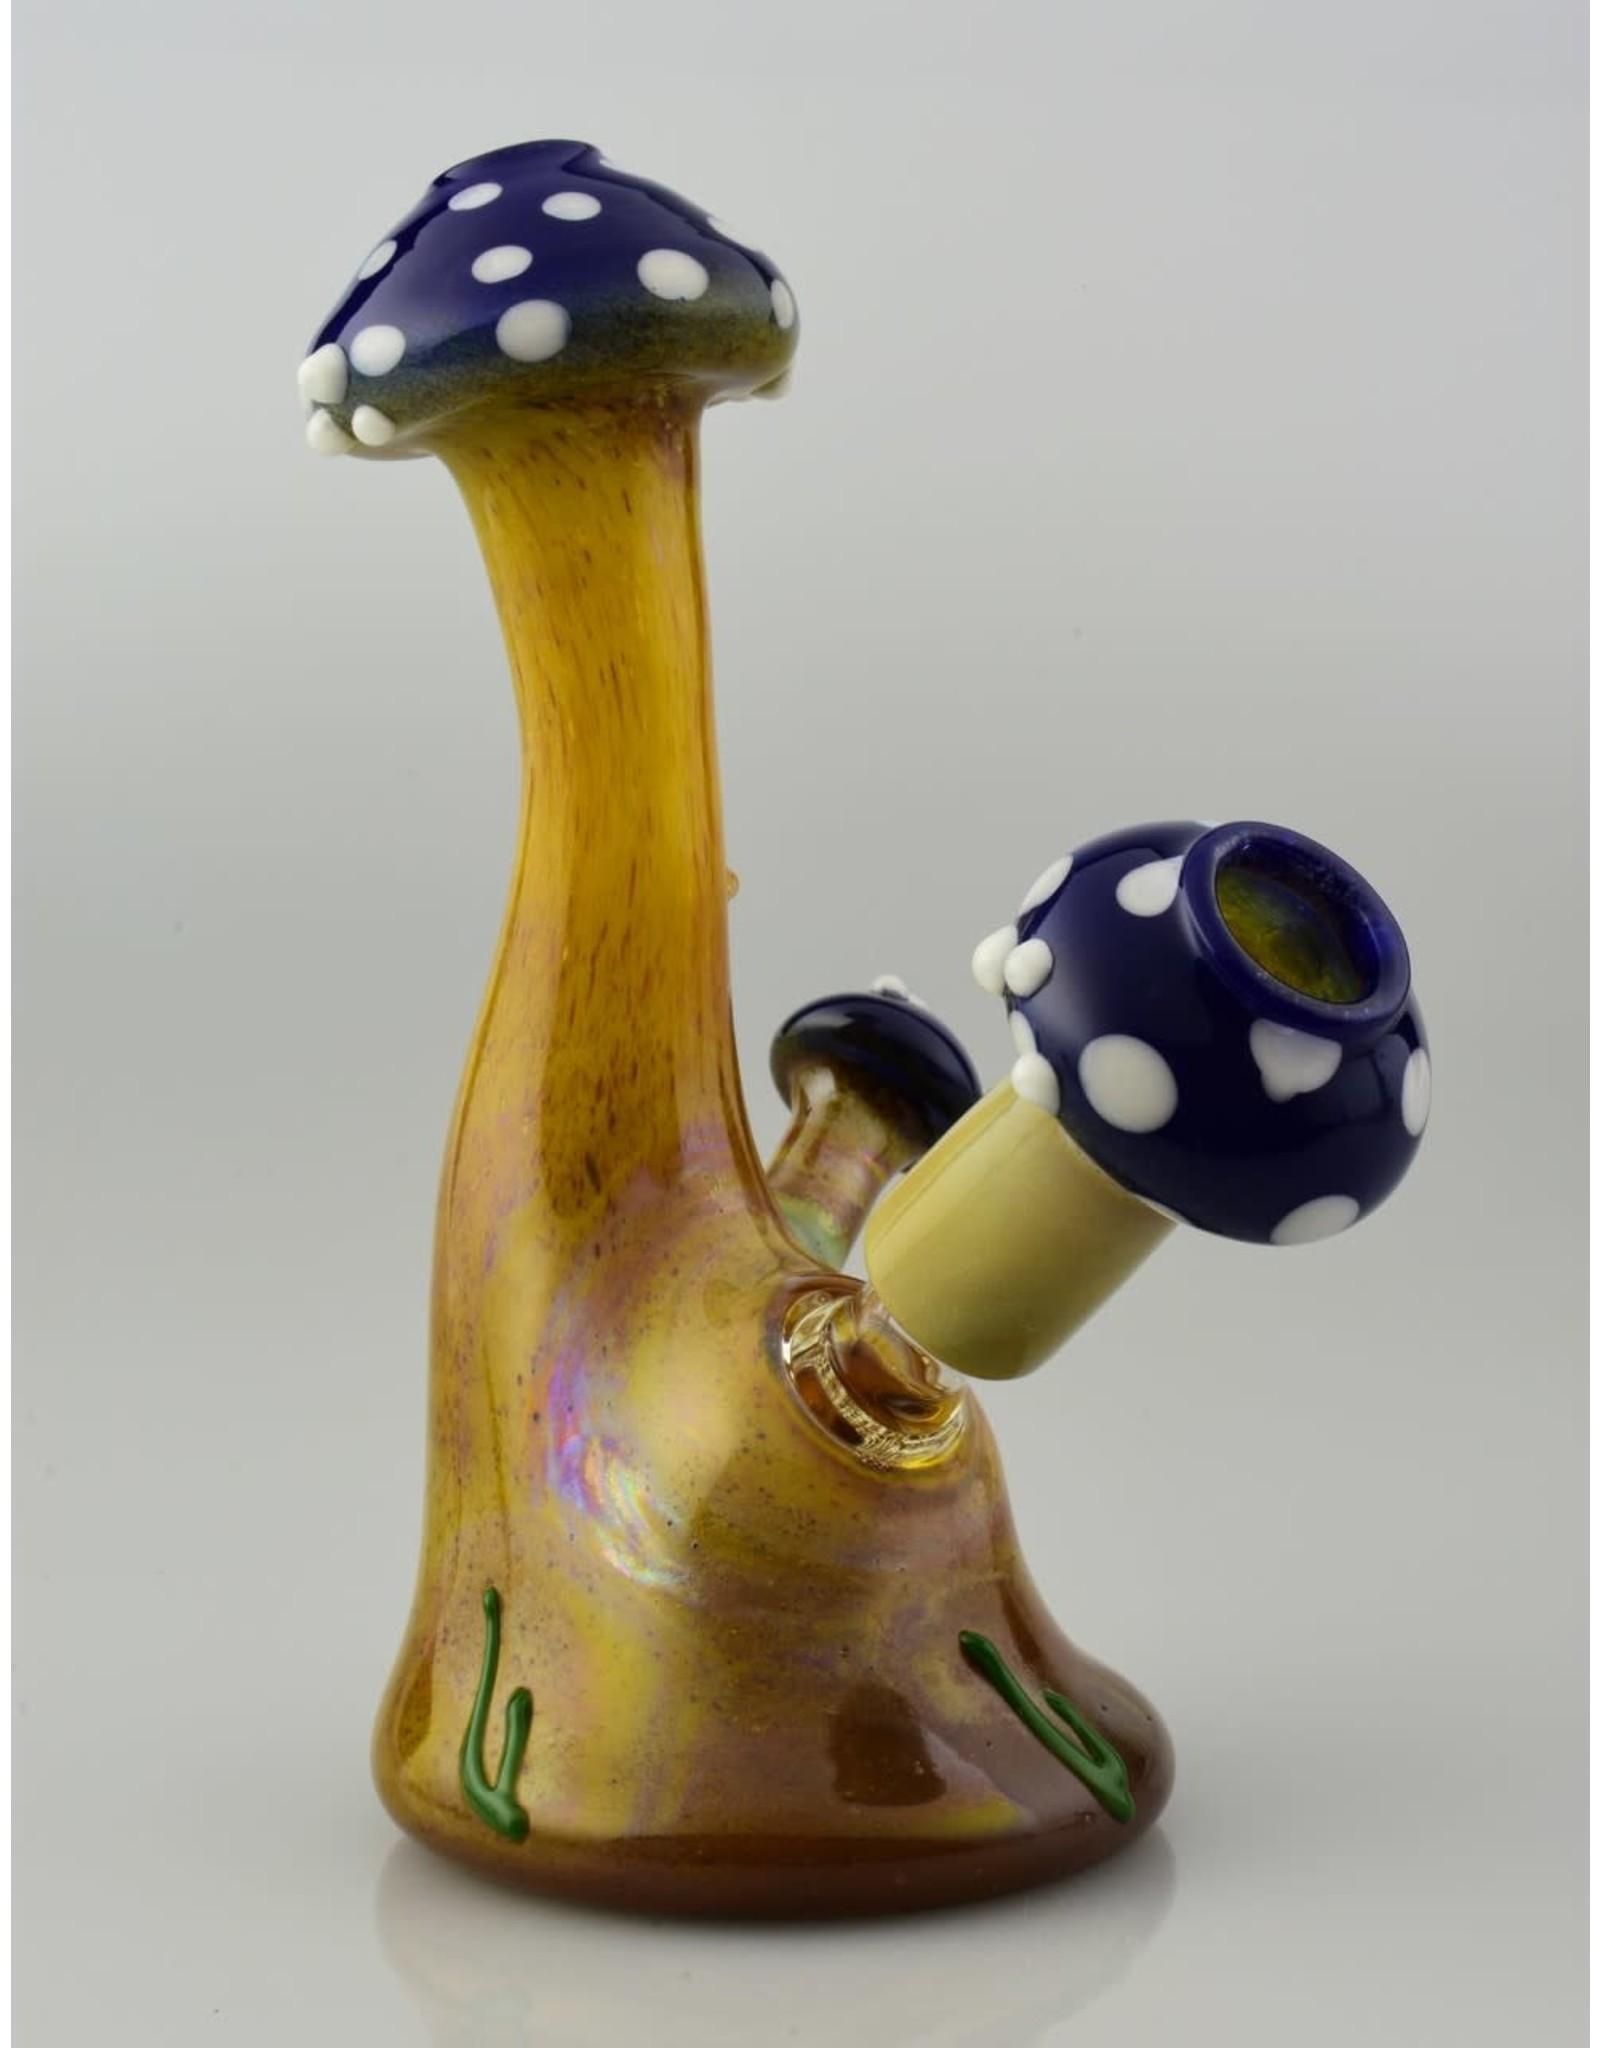 Mushroom Rig